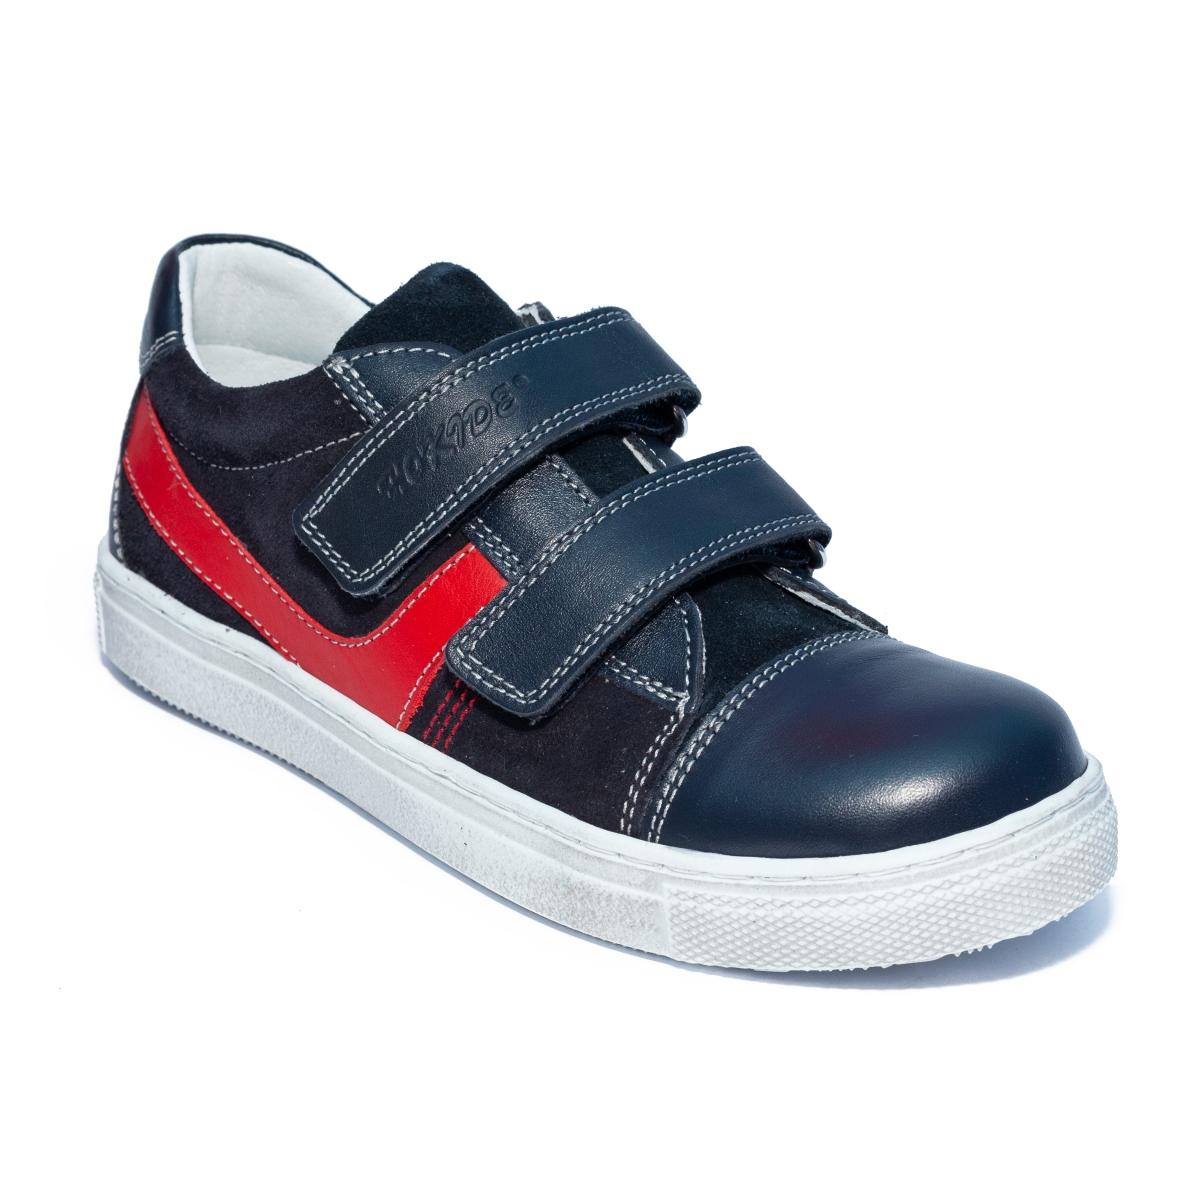 Pantofi baieti sport hokide 398 blu rosu 26-37